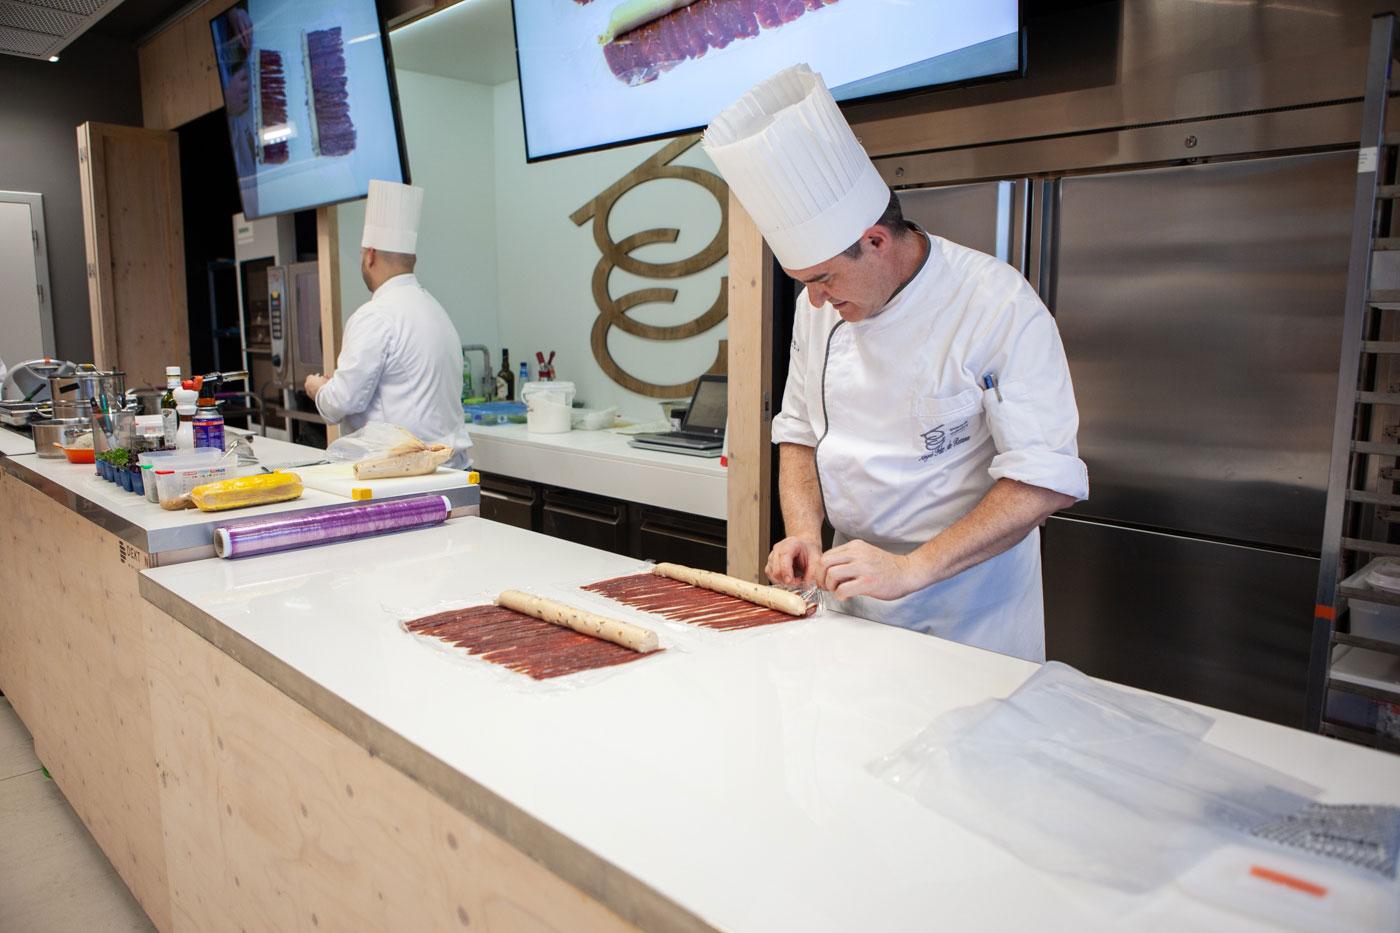 Curso Martiko Técnica, Producto y Creatividad sobre el pato y el foie gras